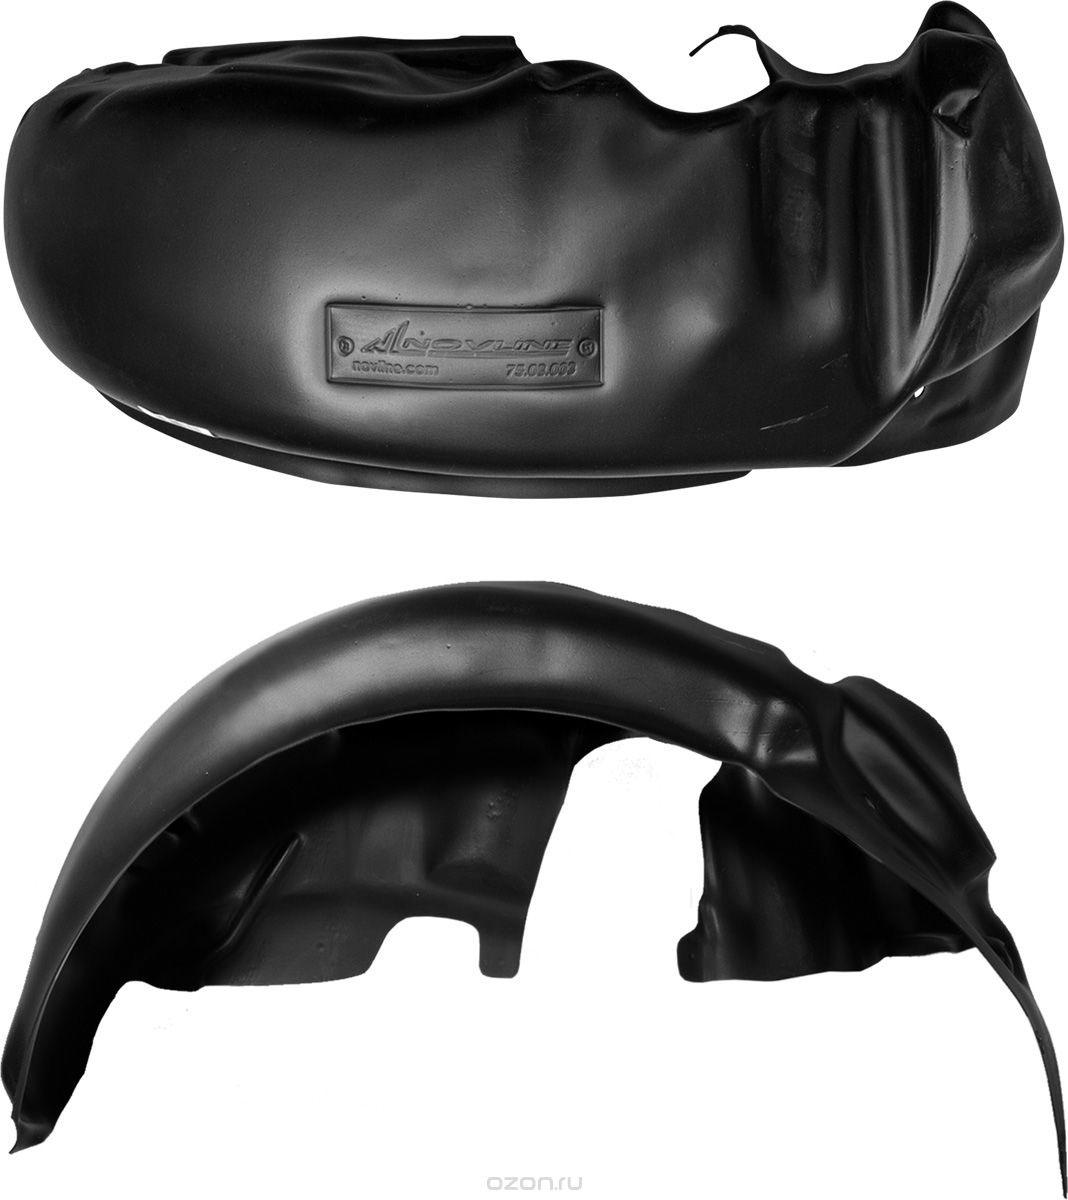 Подкрылок Novline-Autofamily, для ВАЗ 2110 1995-2007 б/б, передний левый хендай старекс б у 2007 купить